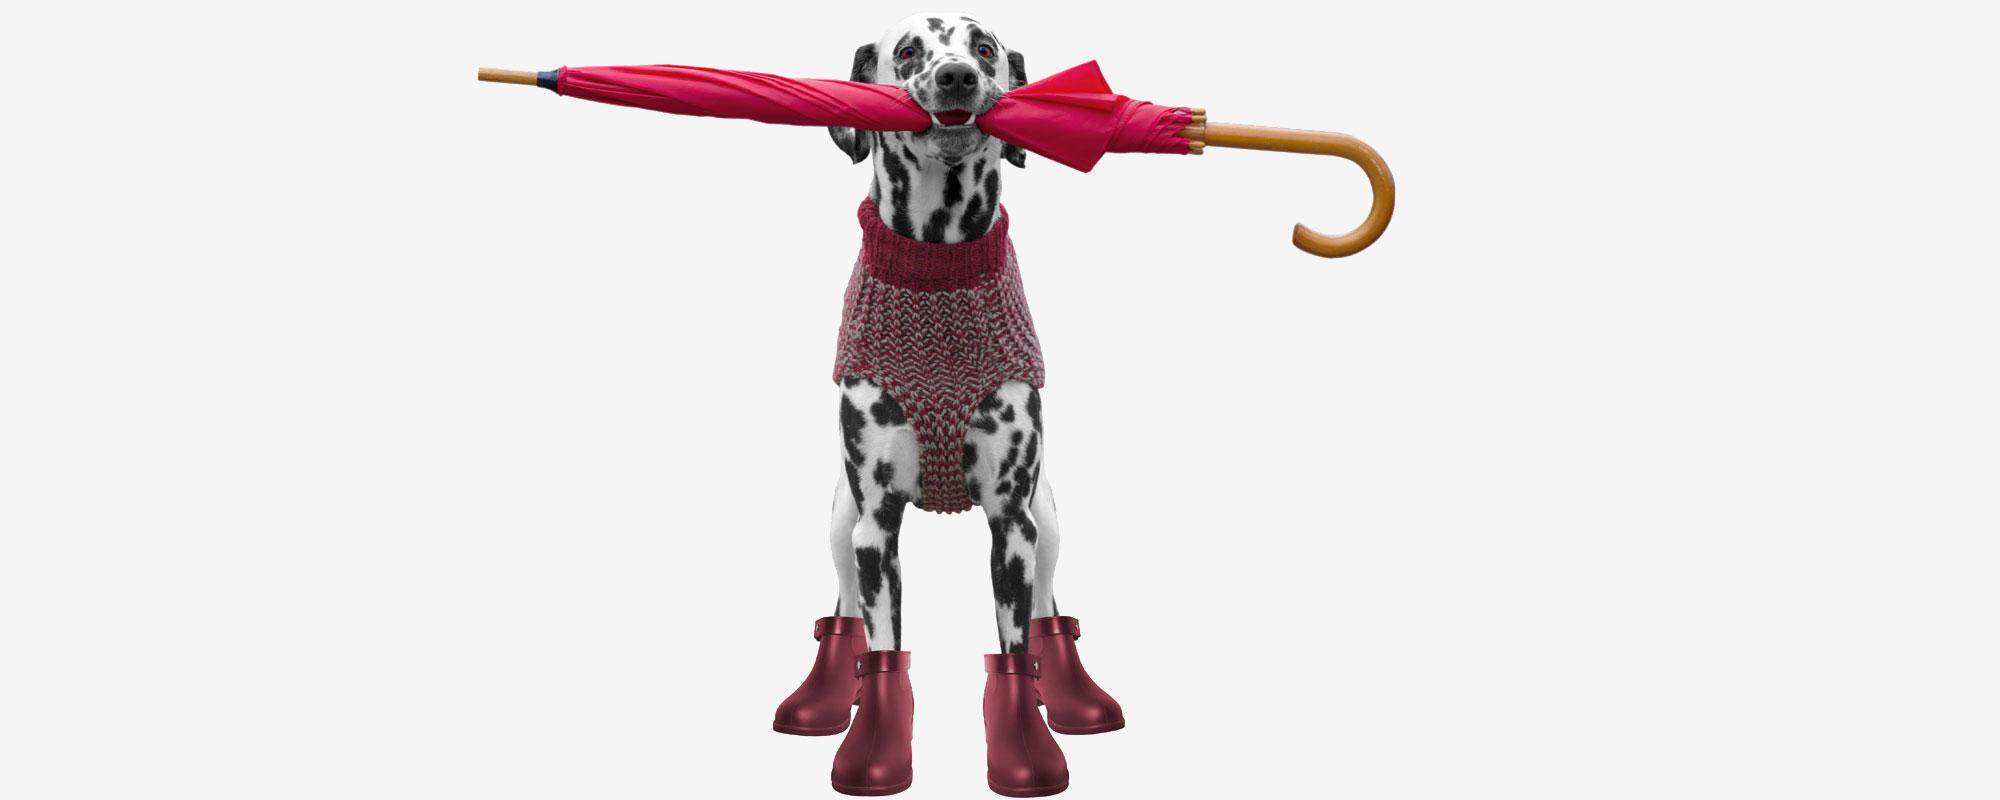 Hundskor & Strumpor | Skydda Hundens Tassar | Köp Online